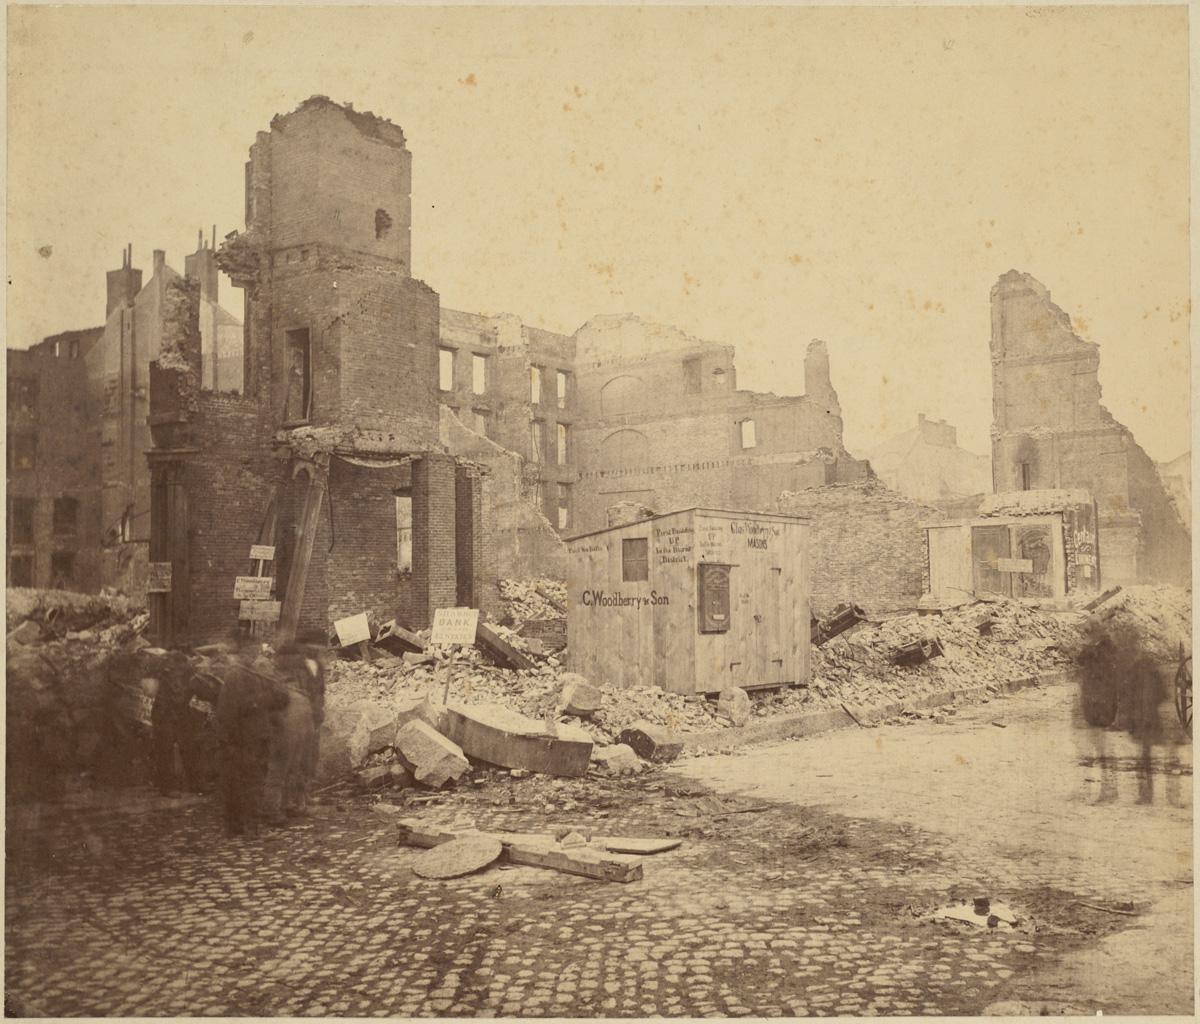 Великий пожар Бостона. 1872 год, США. Угол Конгресс и Уотер Стрит